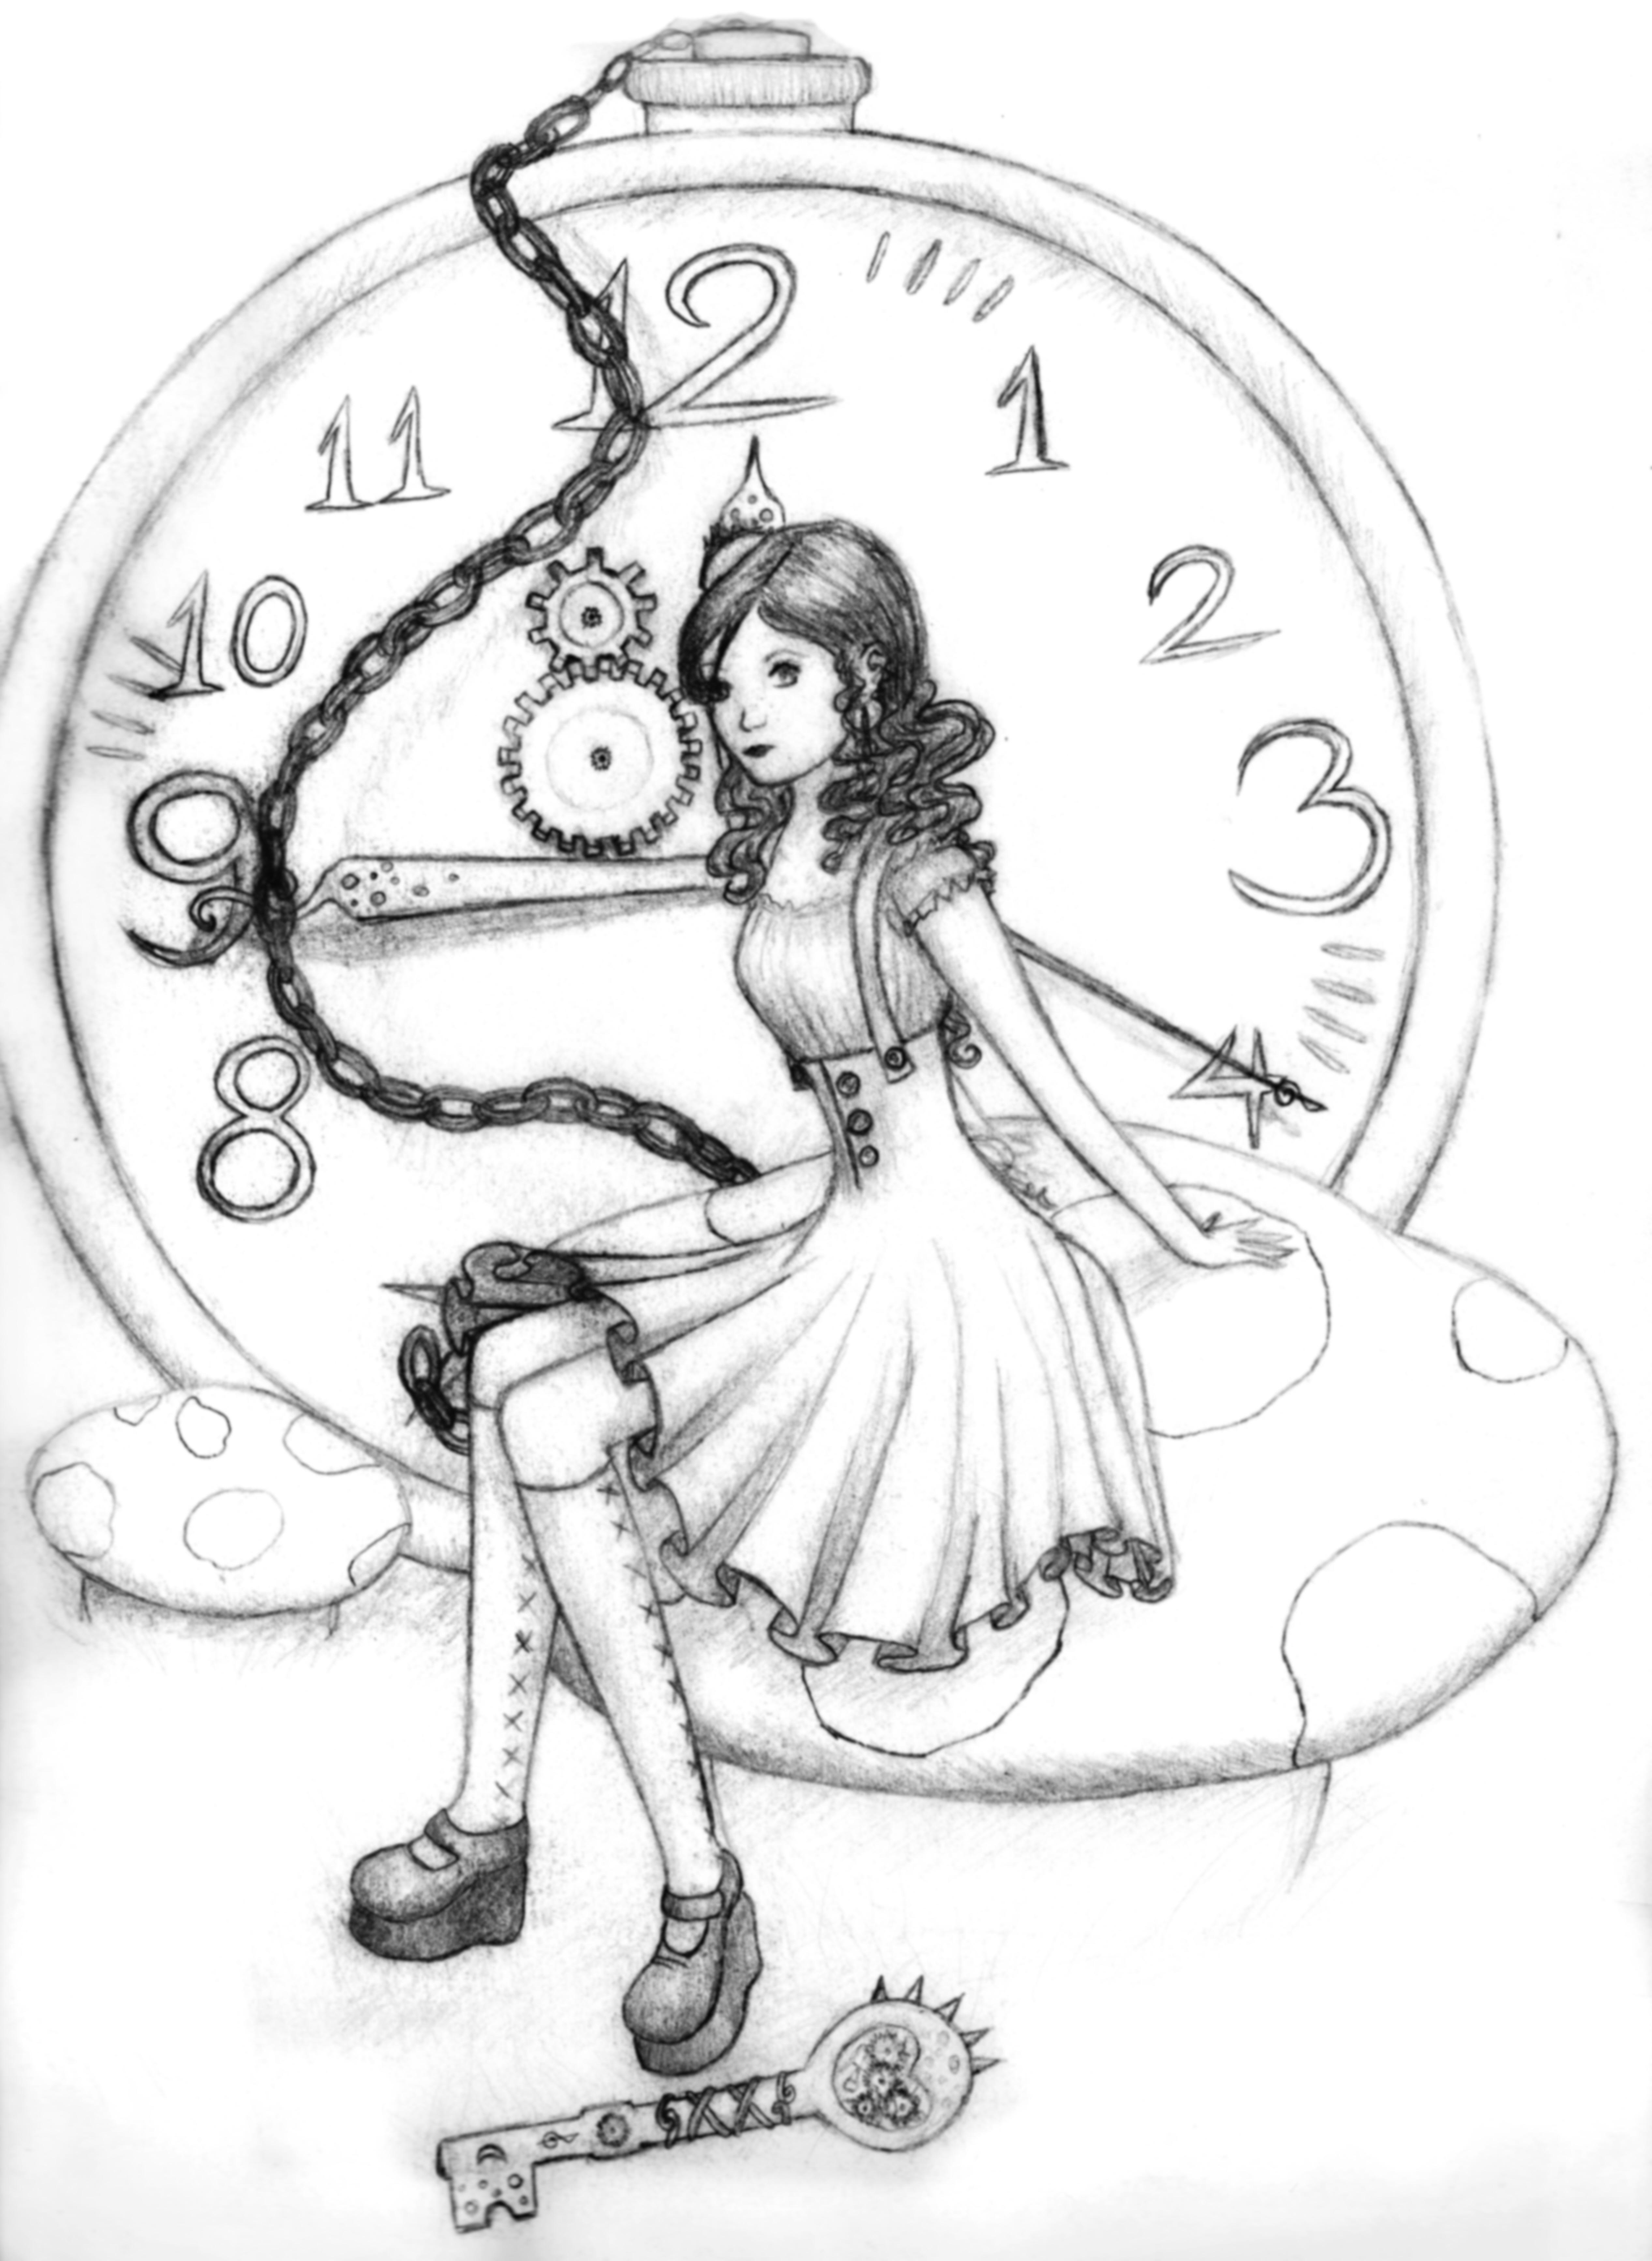 Drawn alice in wonderland steampunk Alice (5068×6936) (5068×6936) Alice Wonderland